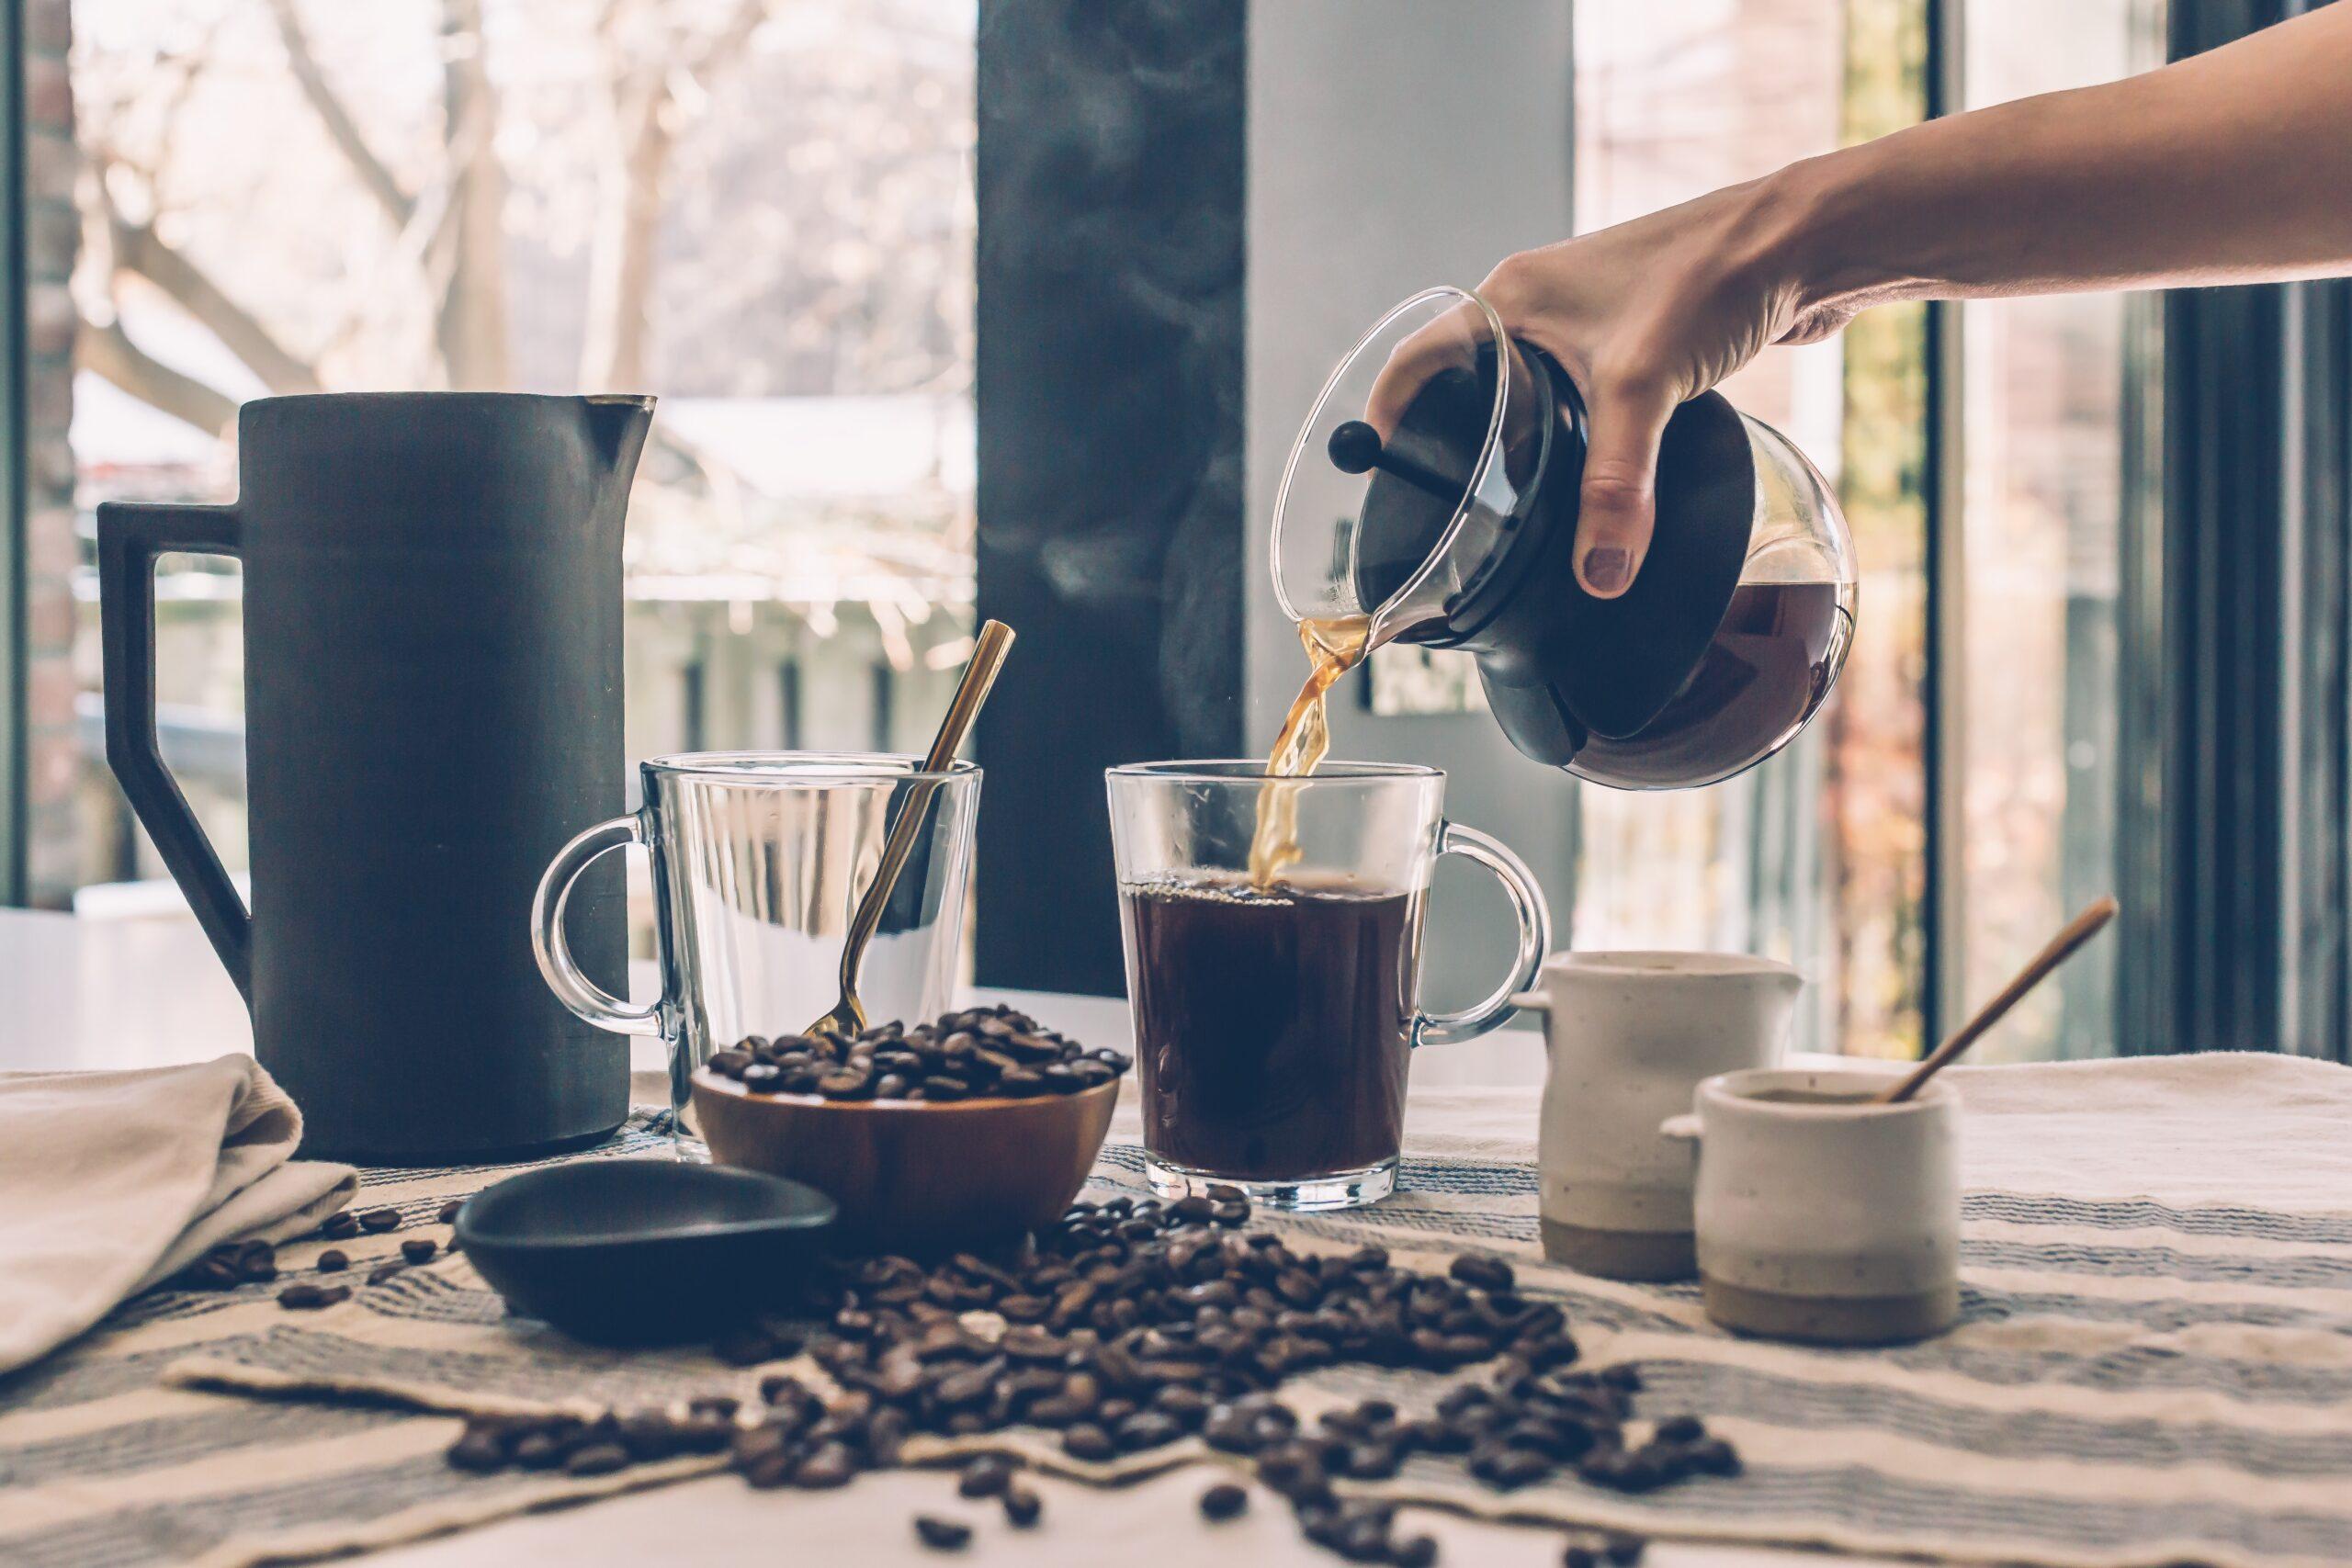 เงินเก็บ ชงกาแฟดื่มเองบ้าง